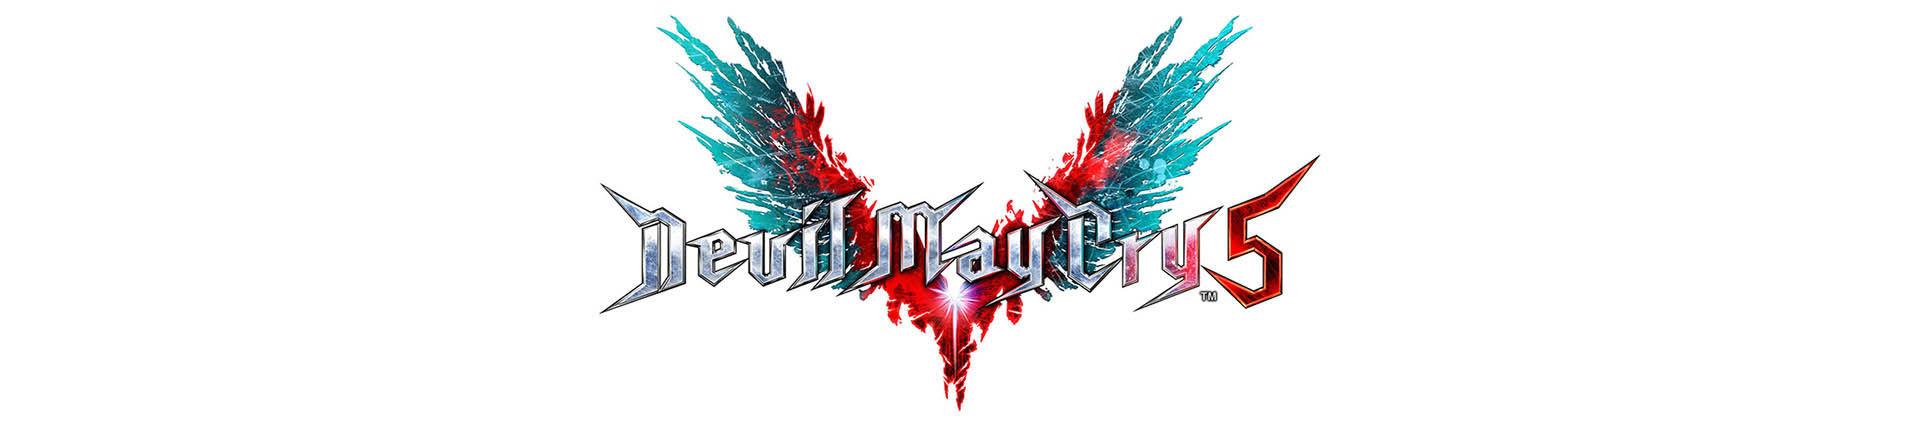 <a href='https://www.mightygamesmag.de/all-game-list/devil-may-cry-5/'>Zum Spiel</a>